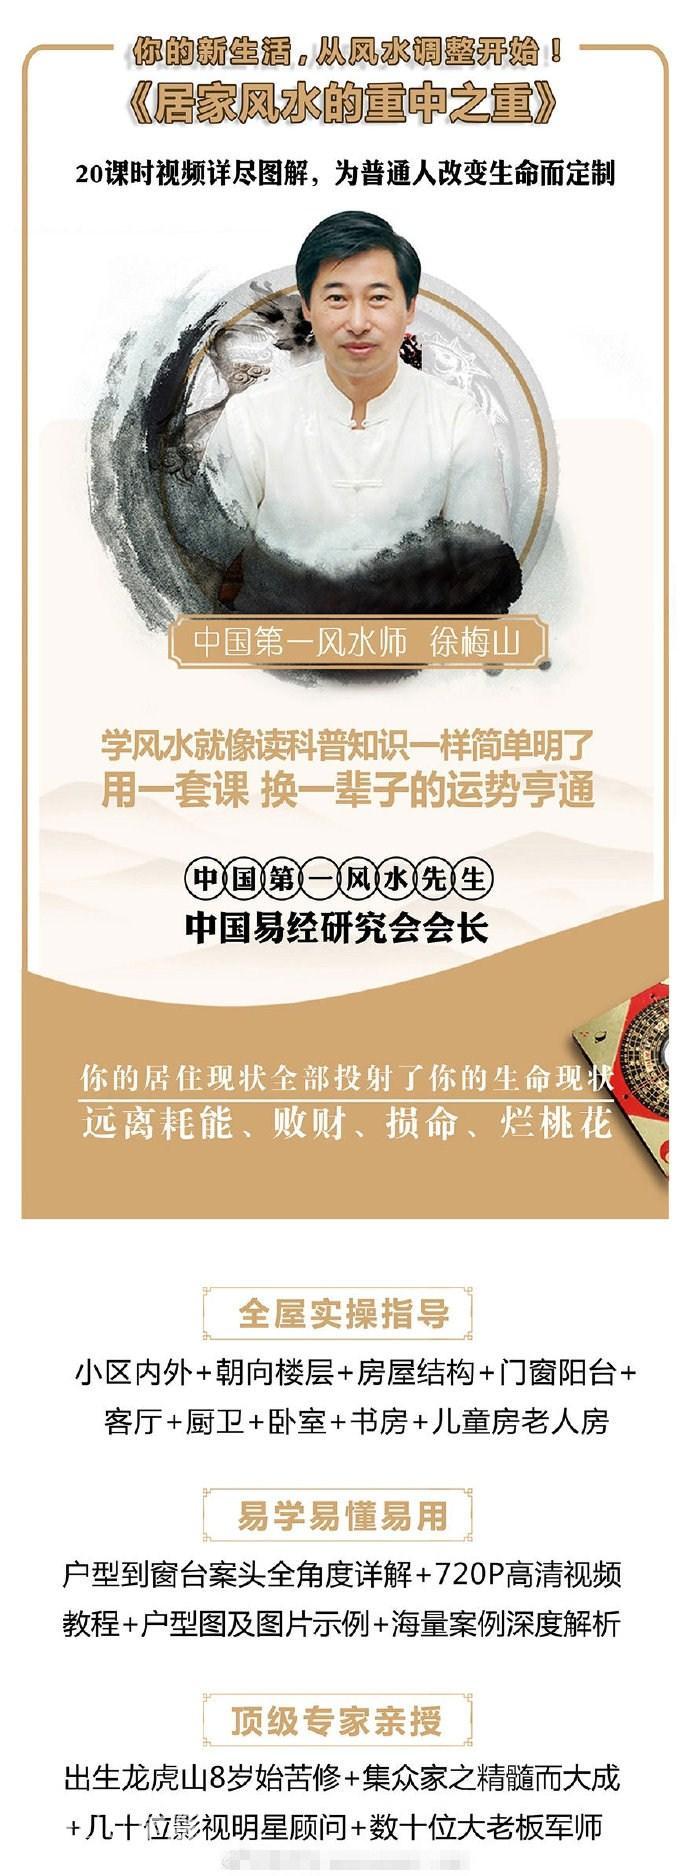 徐梅山-居家风水的重中之重